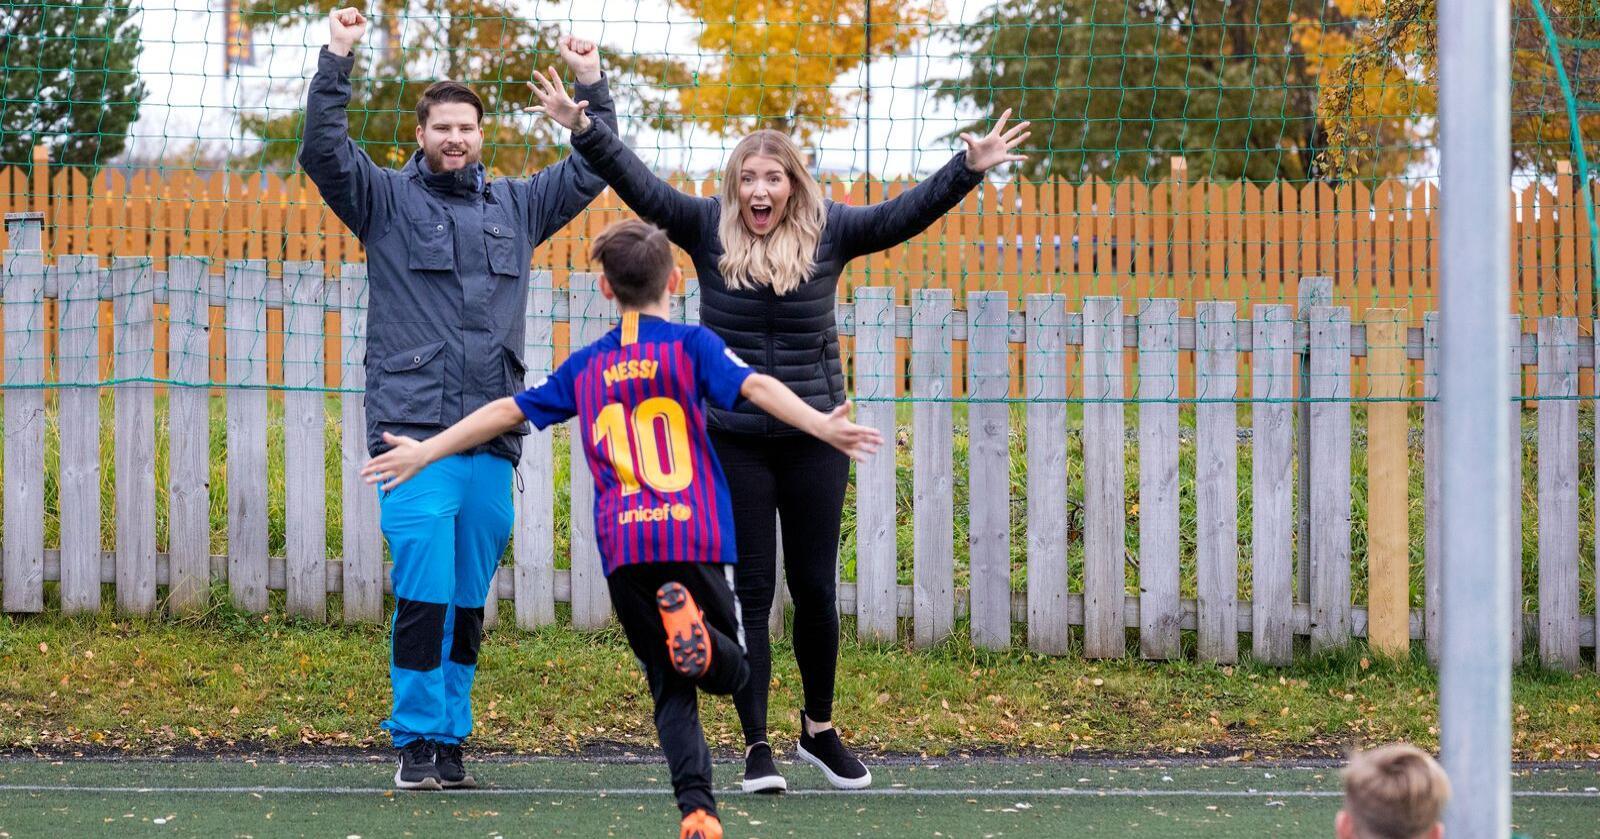 Folk med barn melder om betre psykisk helse enn dei utan barn, viser ei ny undersøking. Illustrasjonsfoto: Gorm Kallestad / NTB